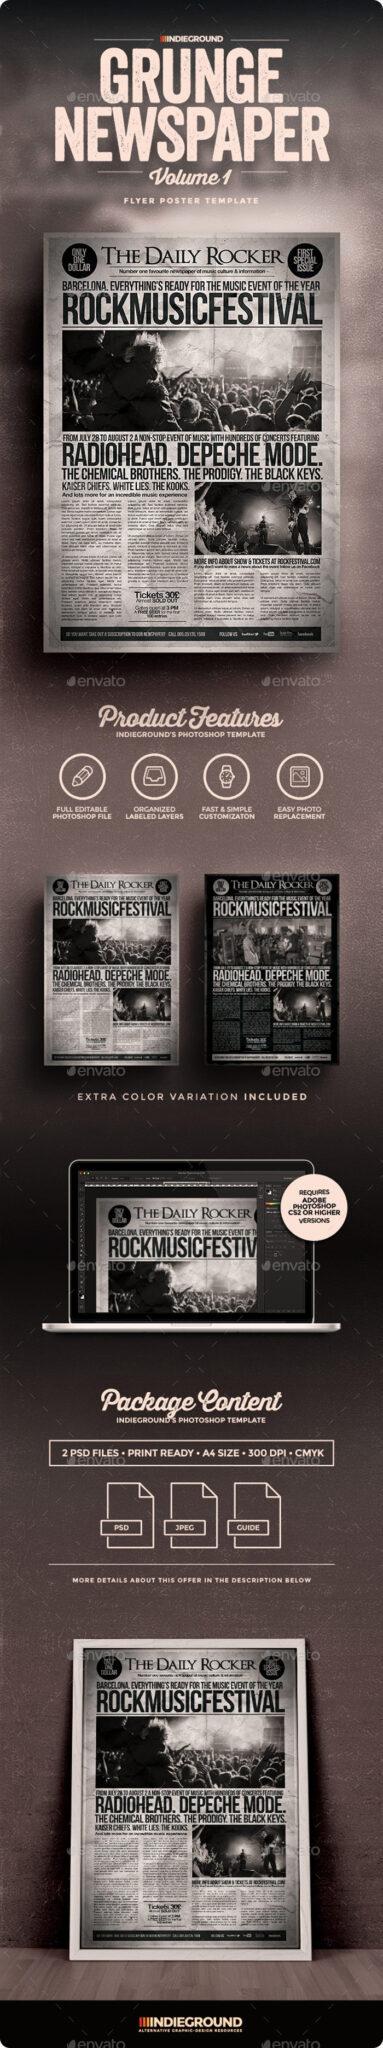 GrungeNewspaperVol1_Flyer_P 43 Plantillas de Flyer que debe descargar para sus clientes